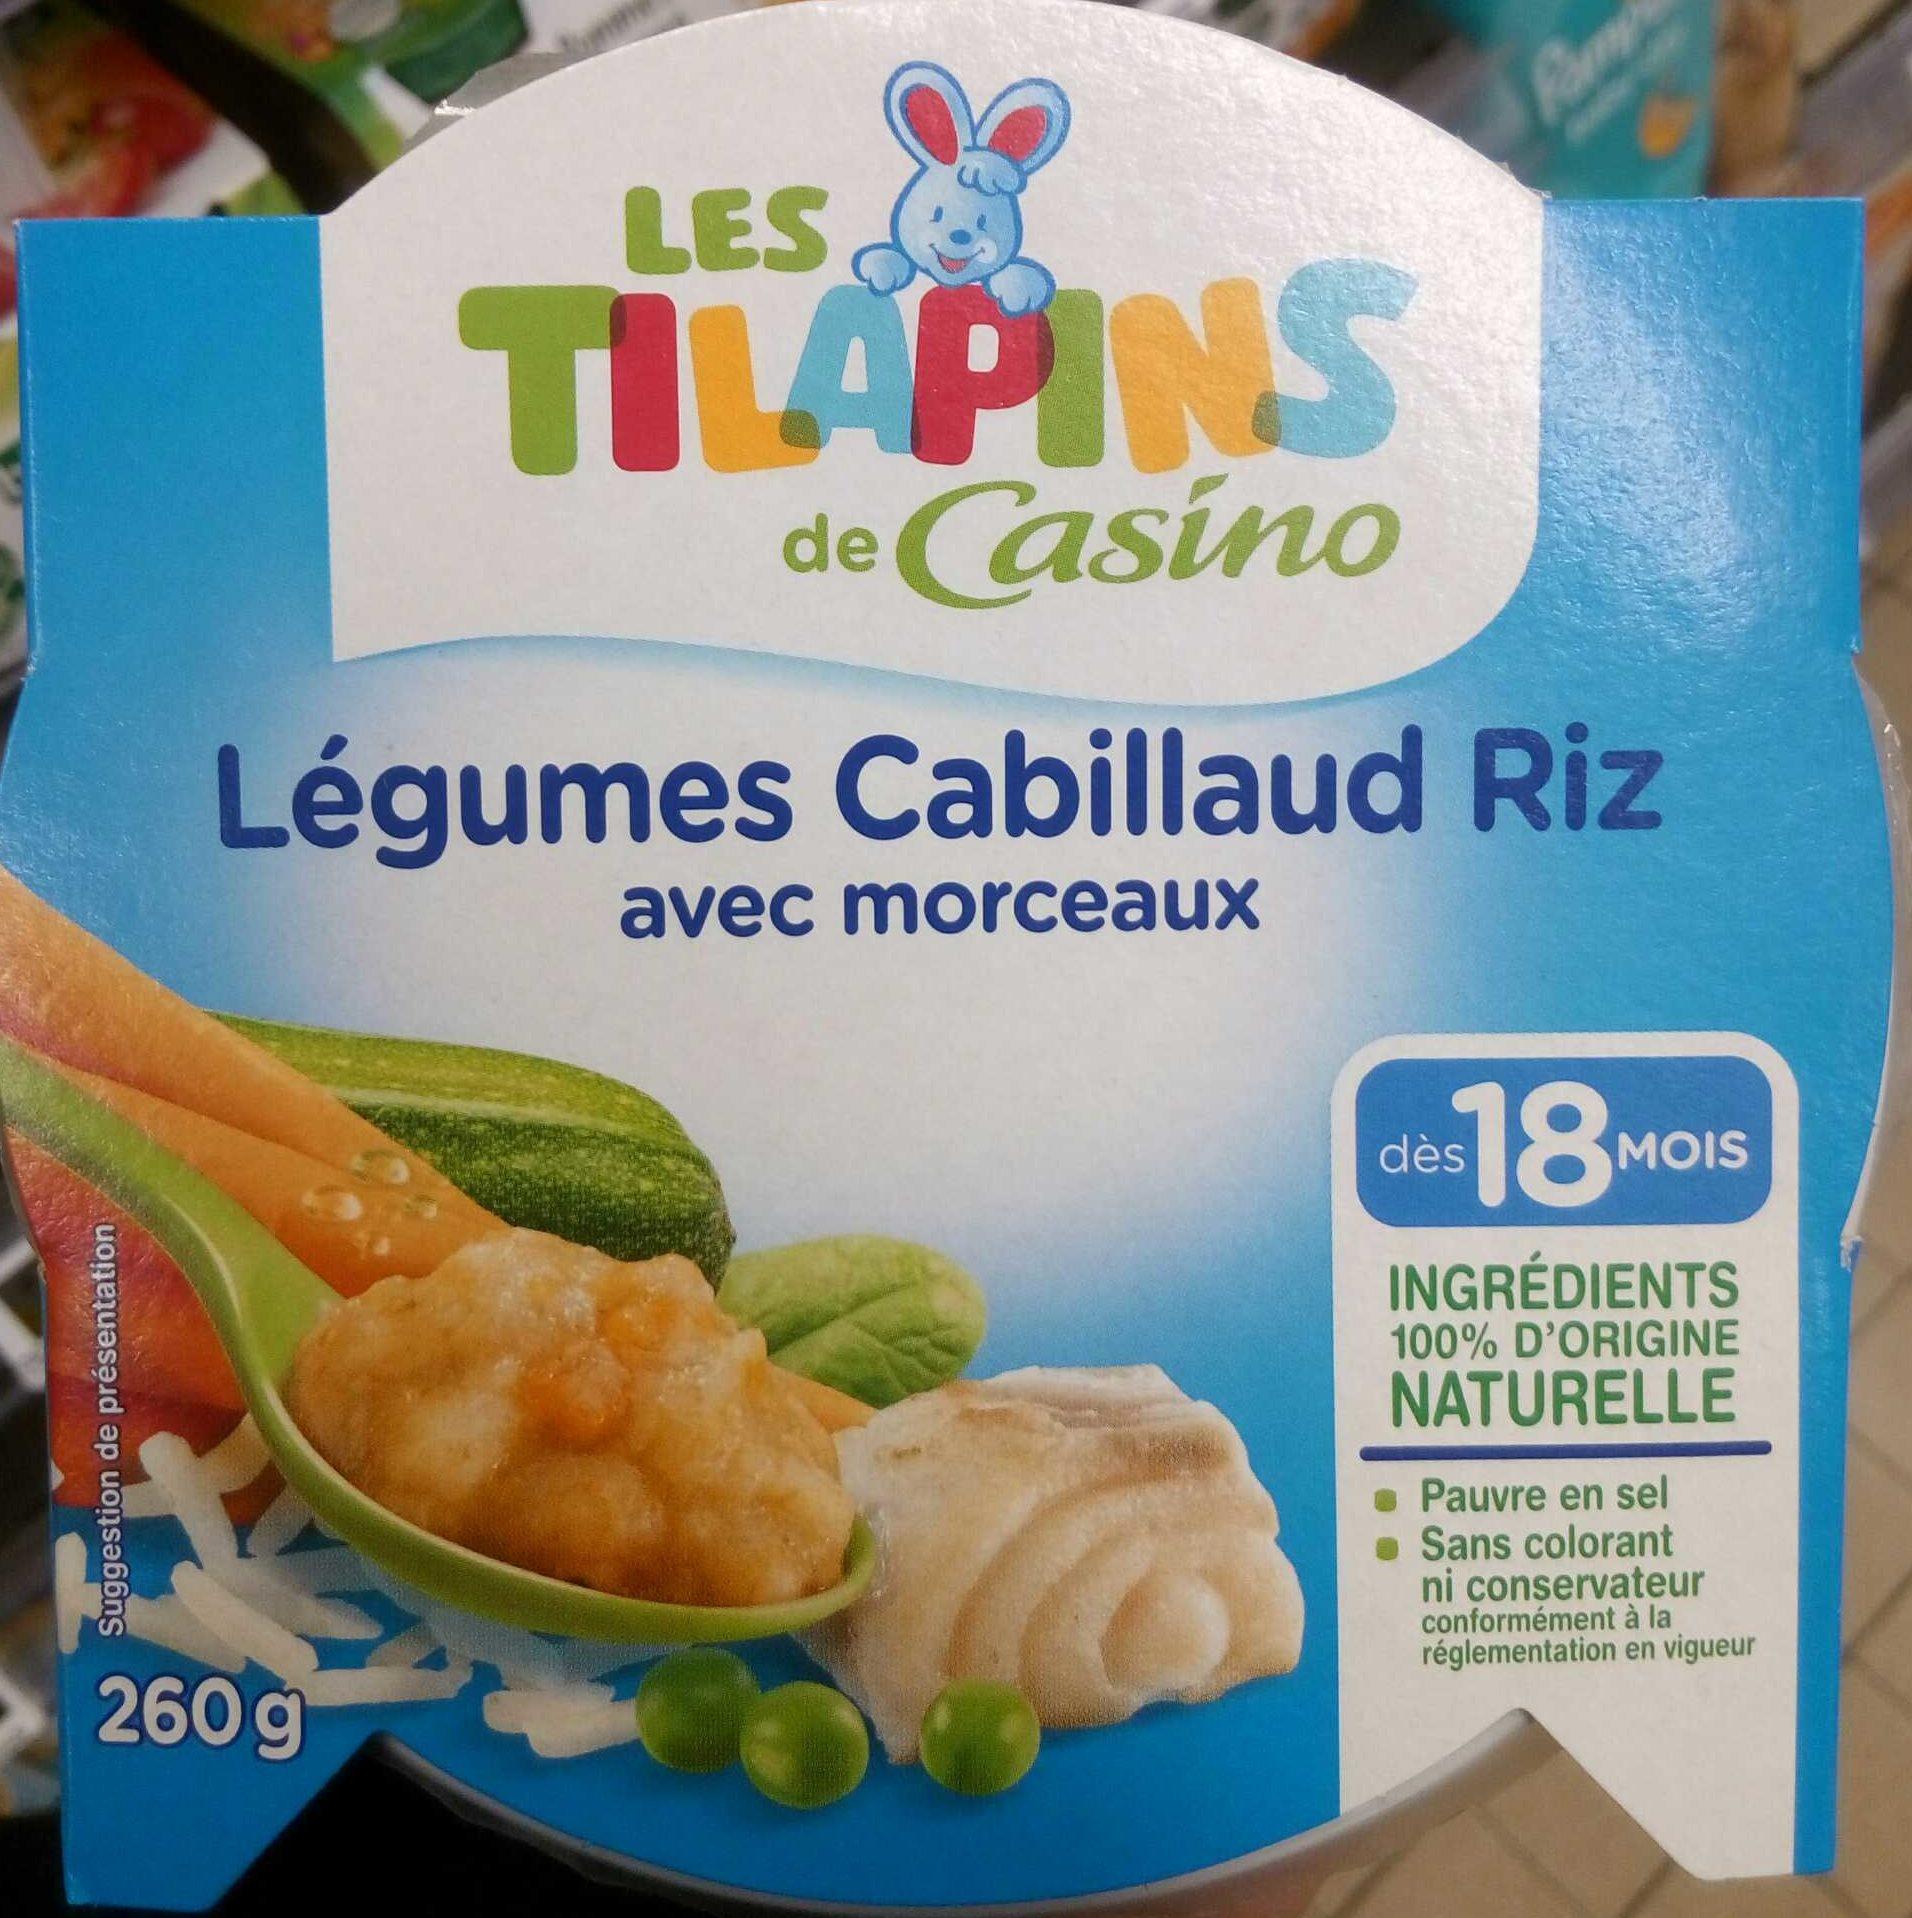 Légumes Cabillaud Riz avec morceaux - Product - fr